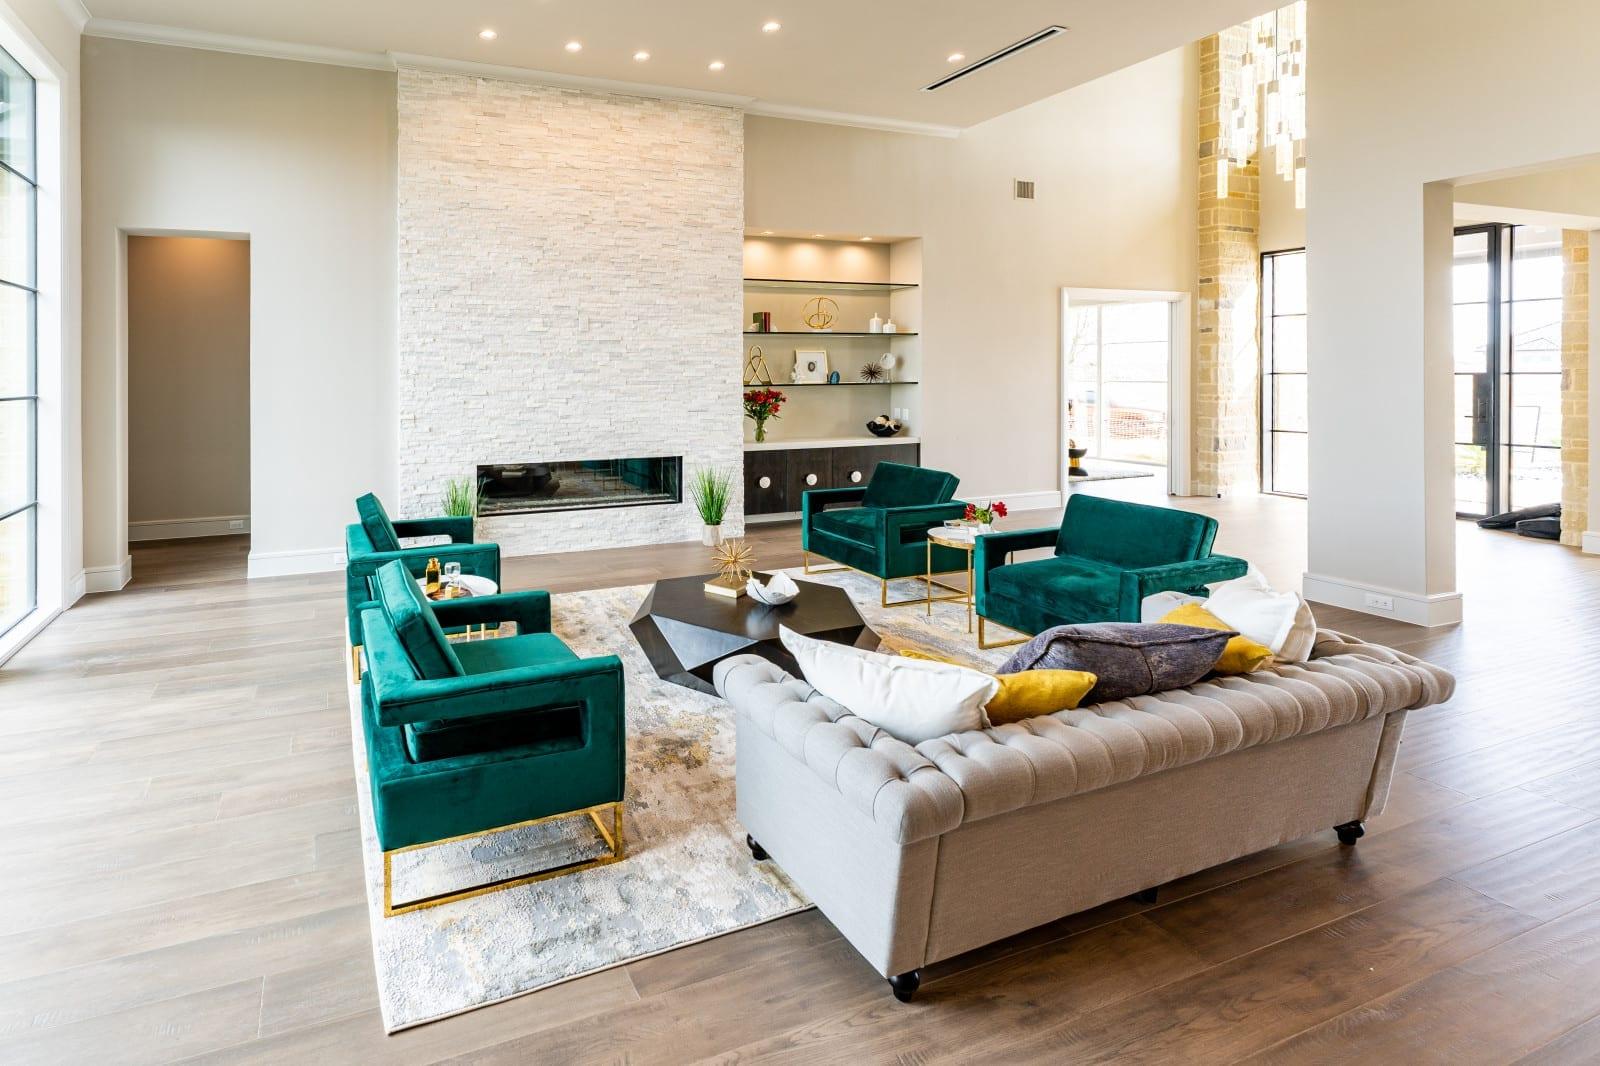 modern home design 18 - Millennial Design + Build